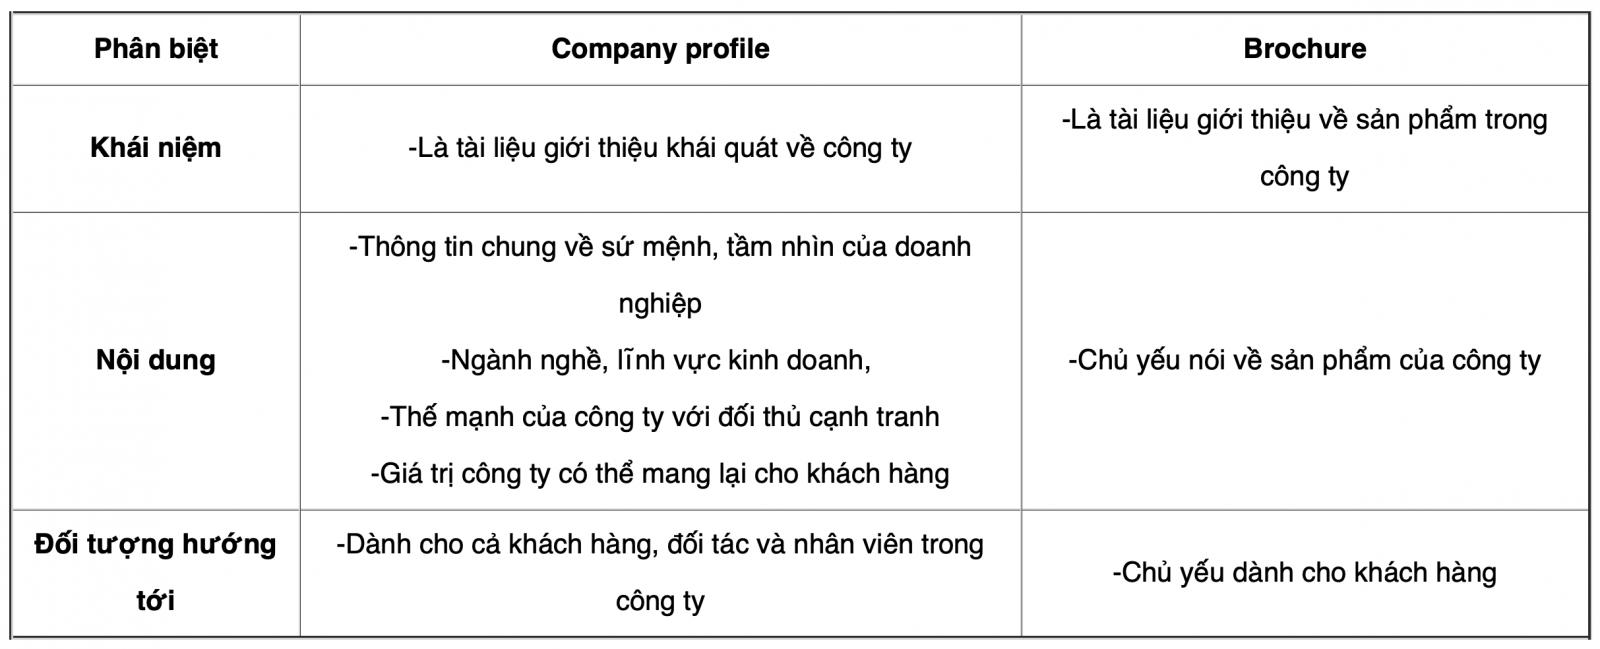 Phân biệt company profile và Brochure